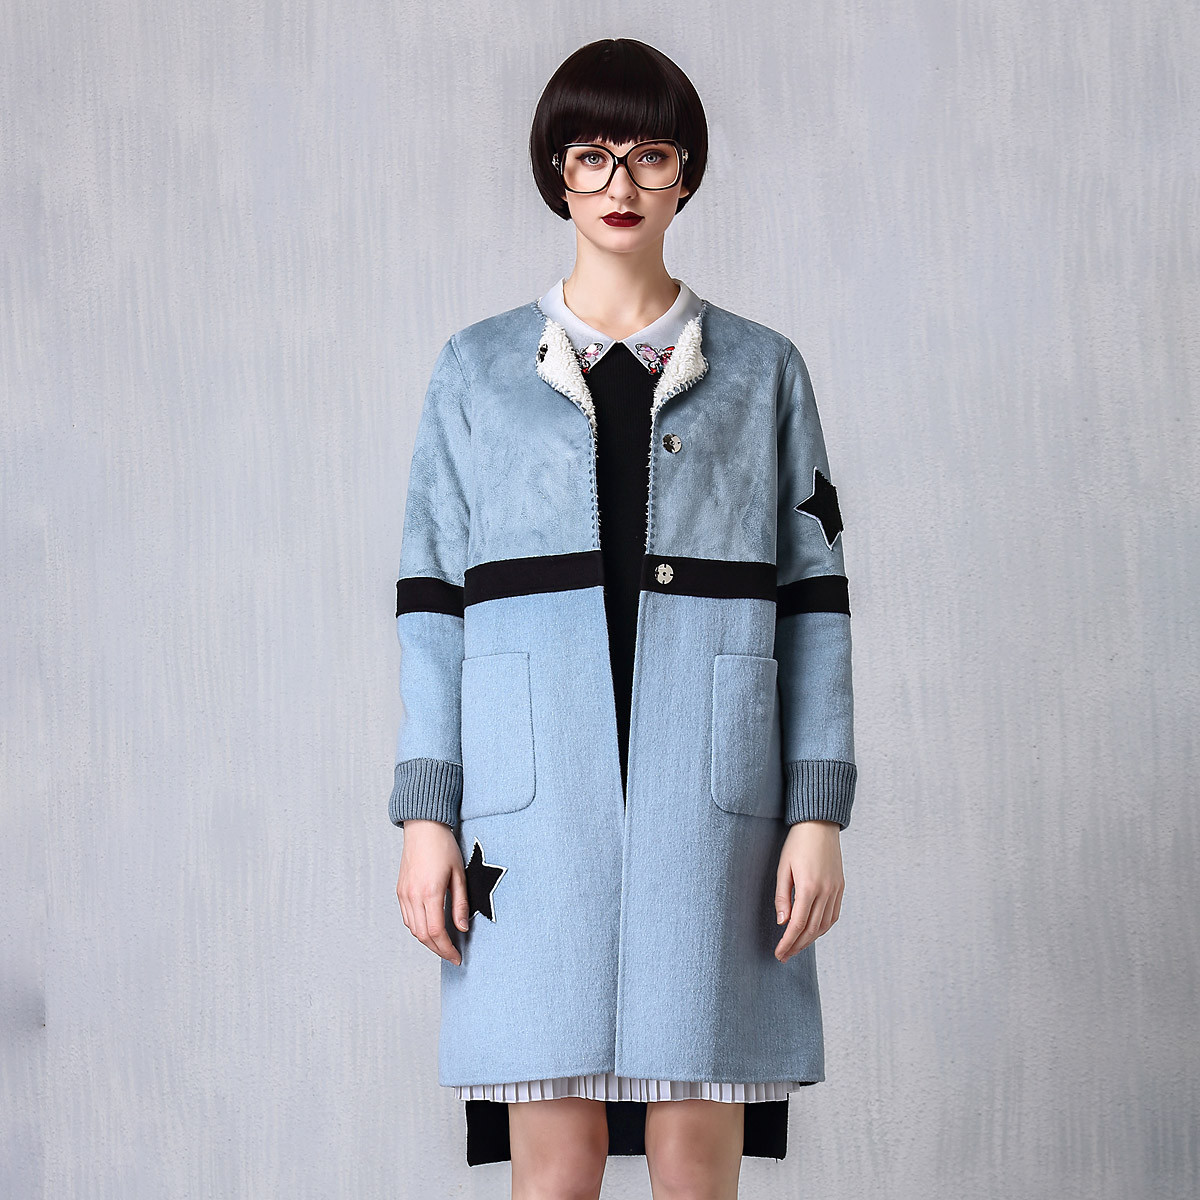 裘堤婼JETEZO秋冬装新款时尚拼接保暖舒适两面穿女式毛呢外套62733D151